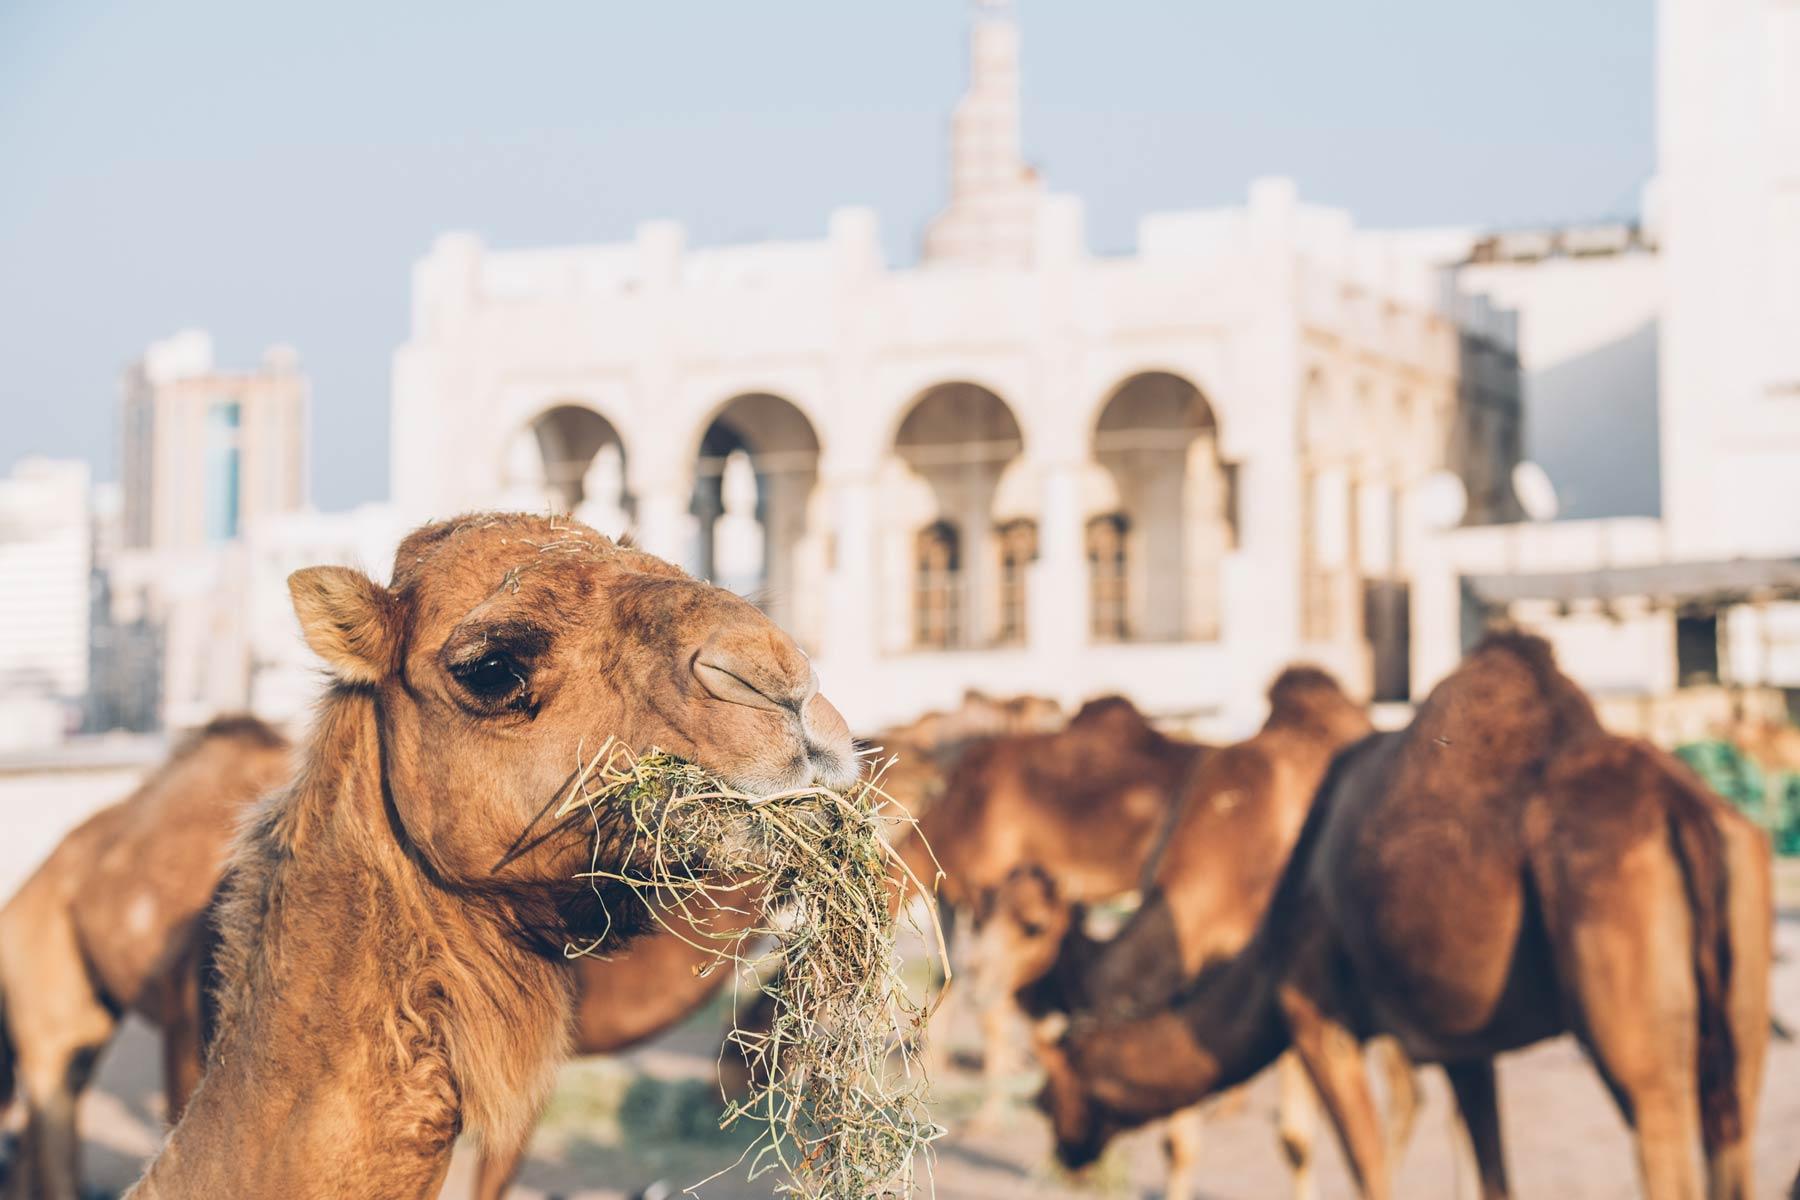 Chameaux, Souq Waqif, Doha